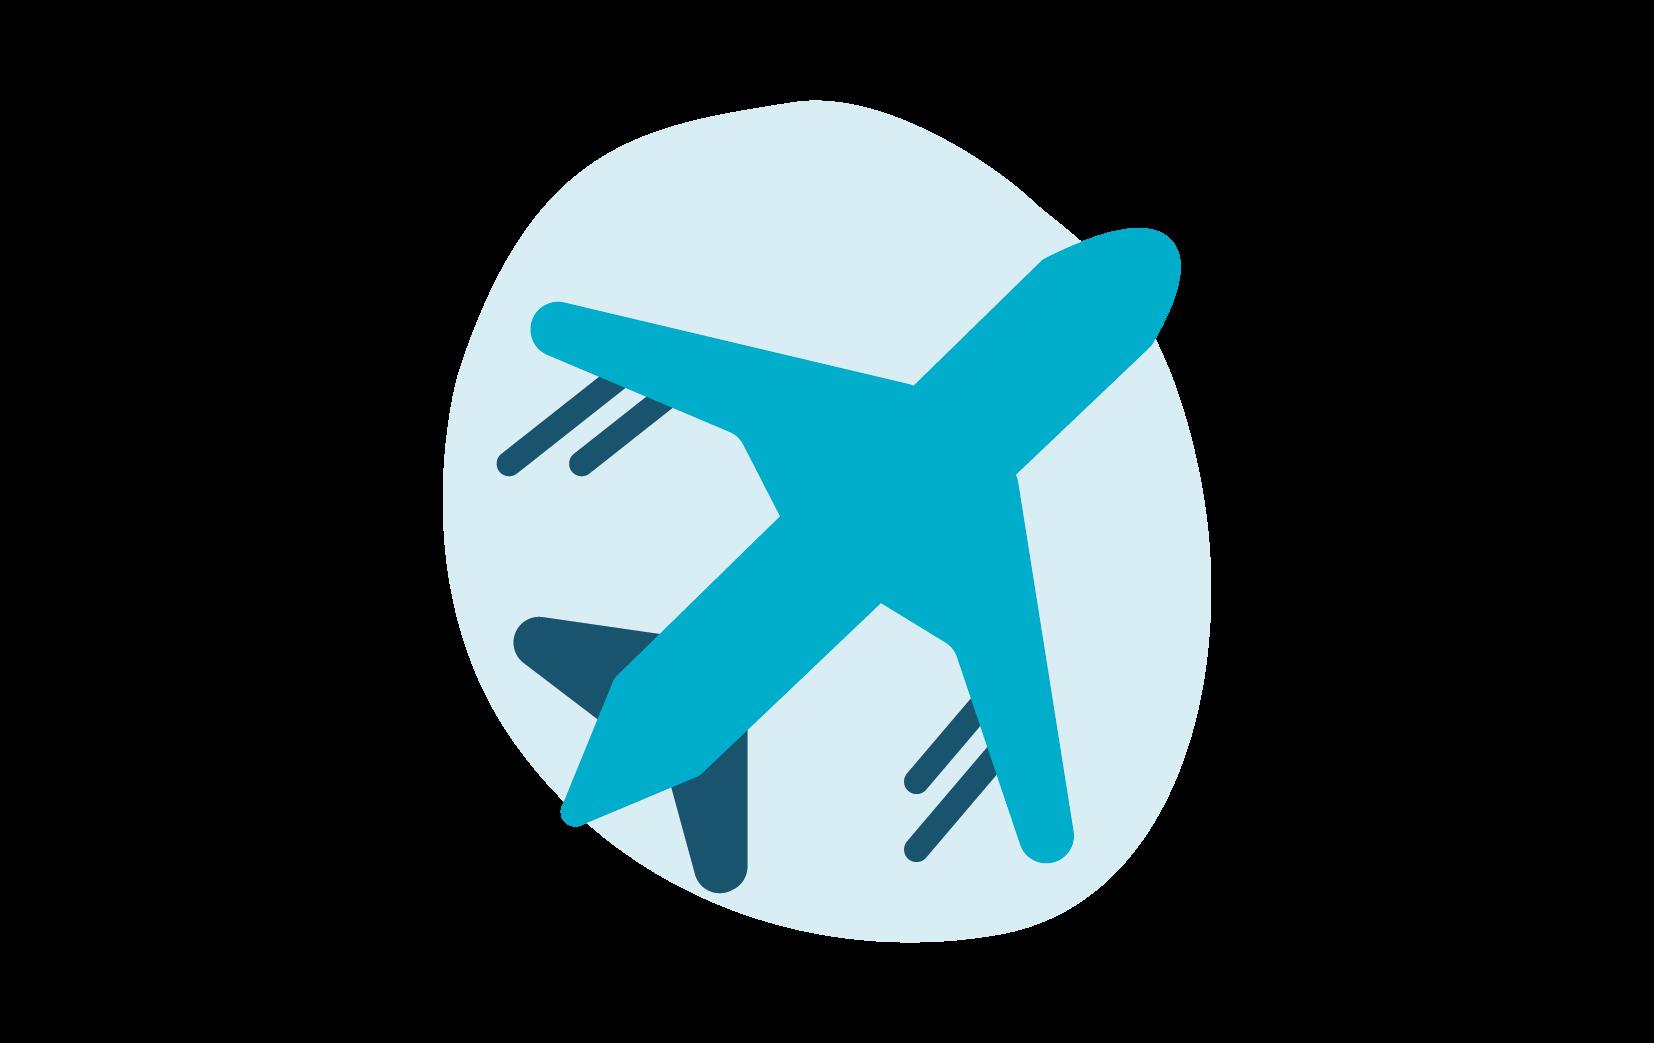 Icoon van een vliegtuig